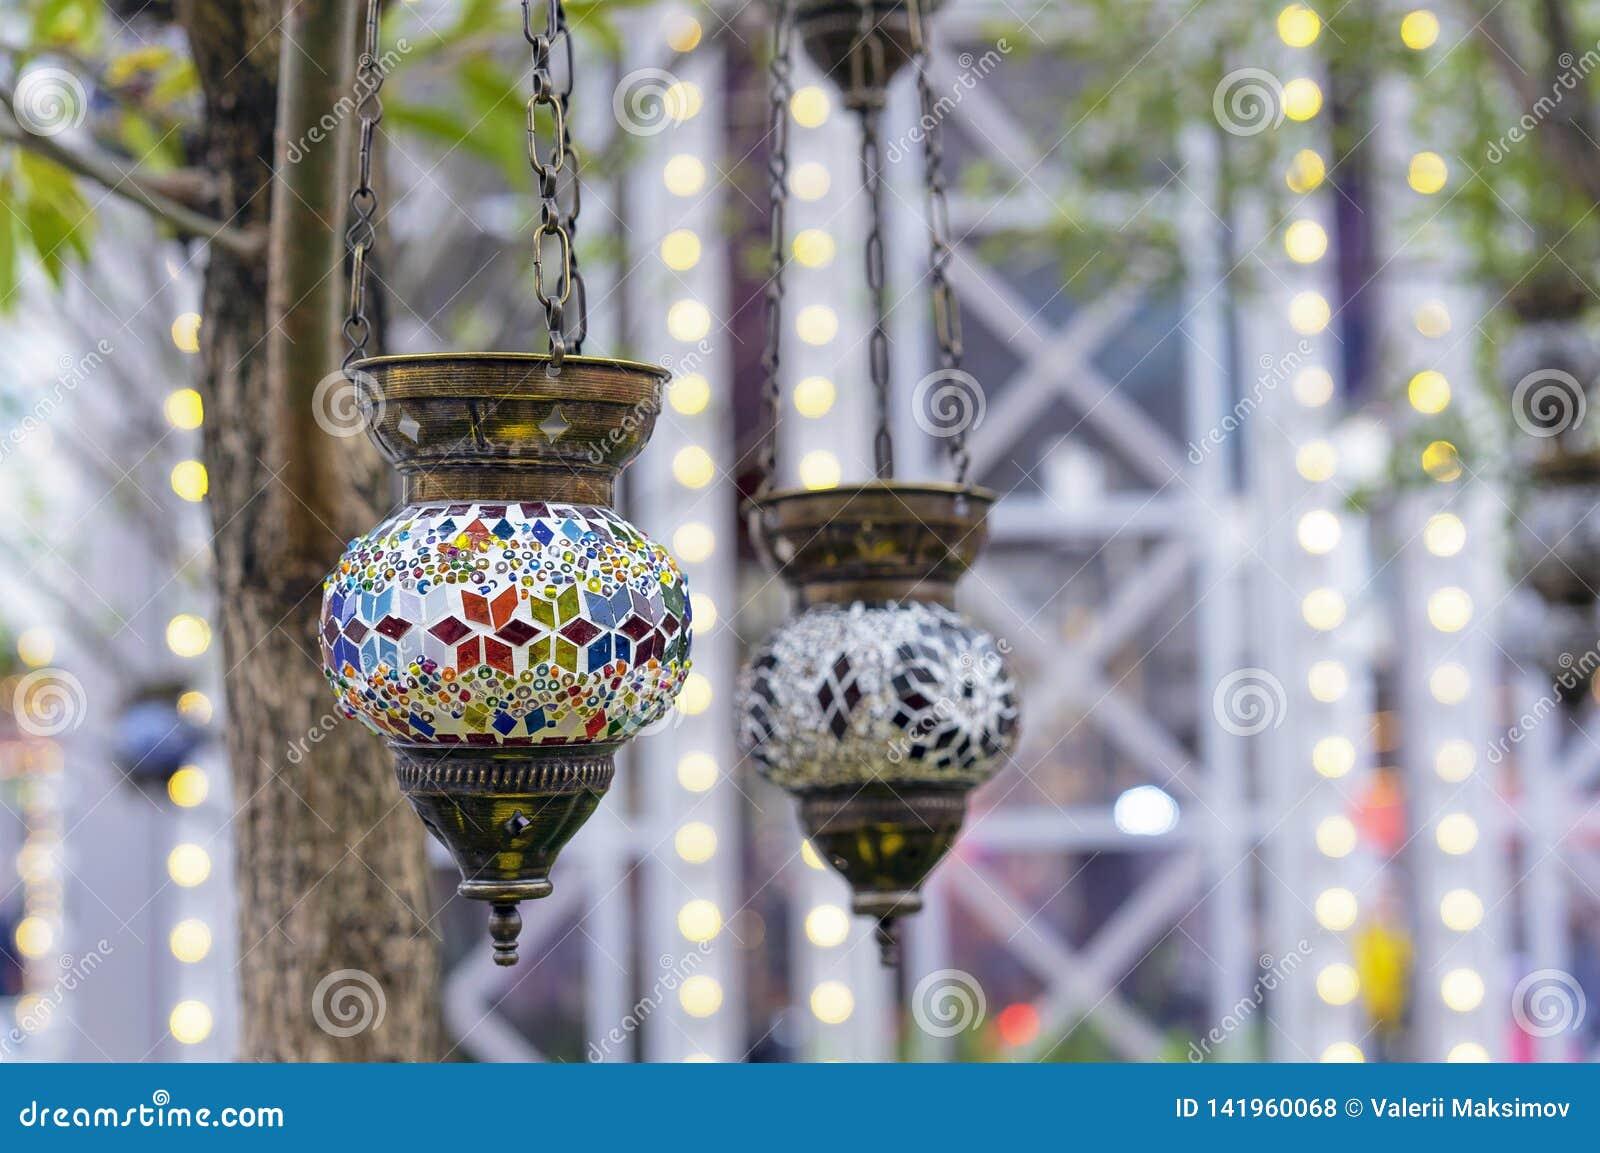 Lampe in der orientalischen Art mit einem Mosaikentwurf